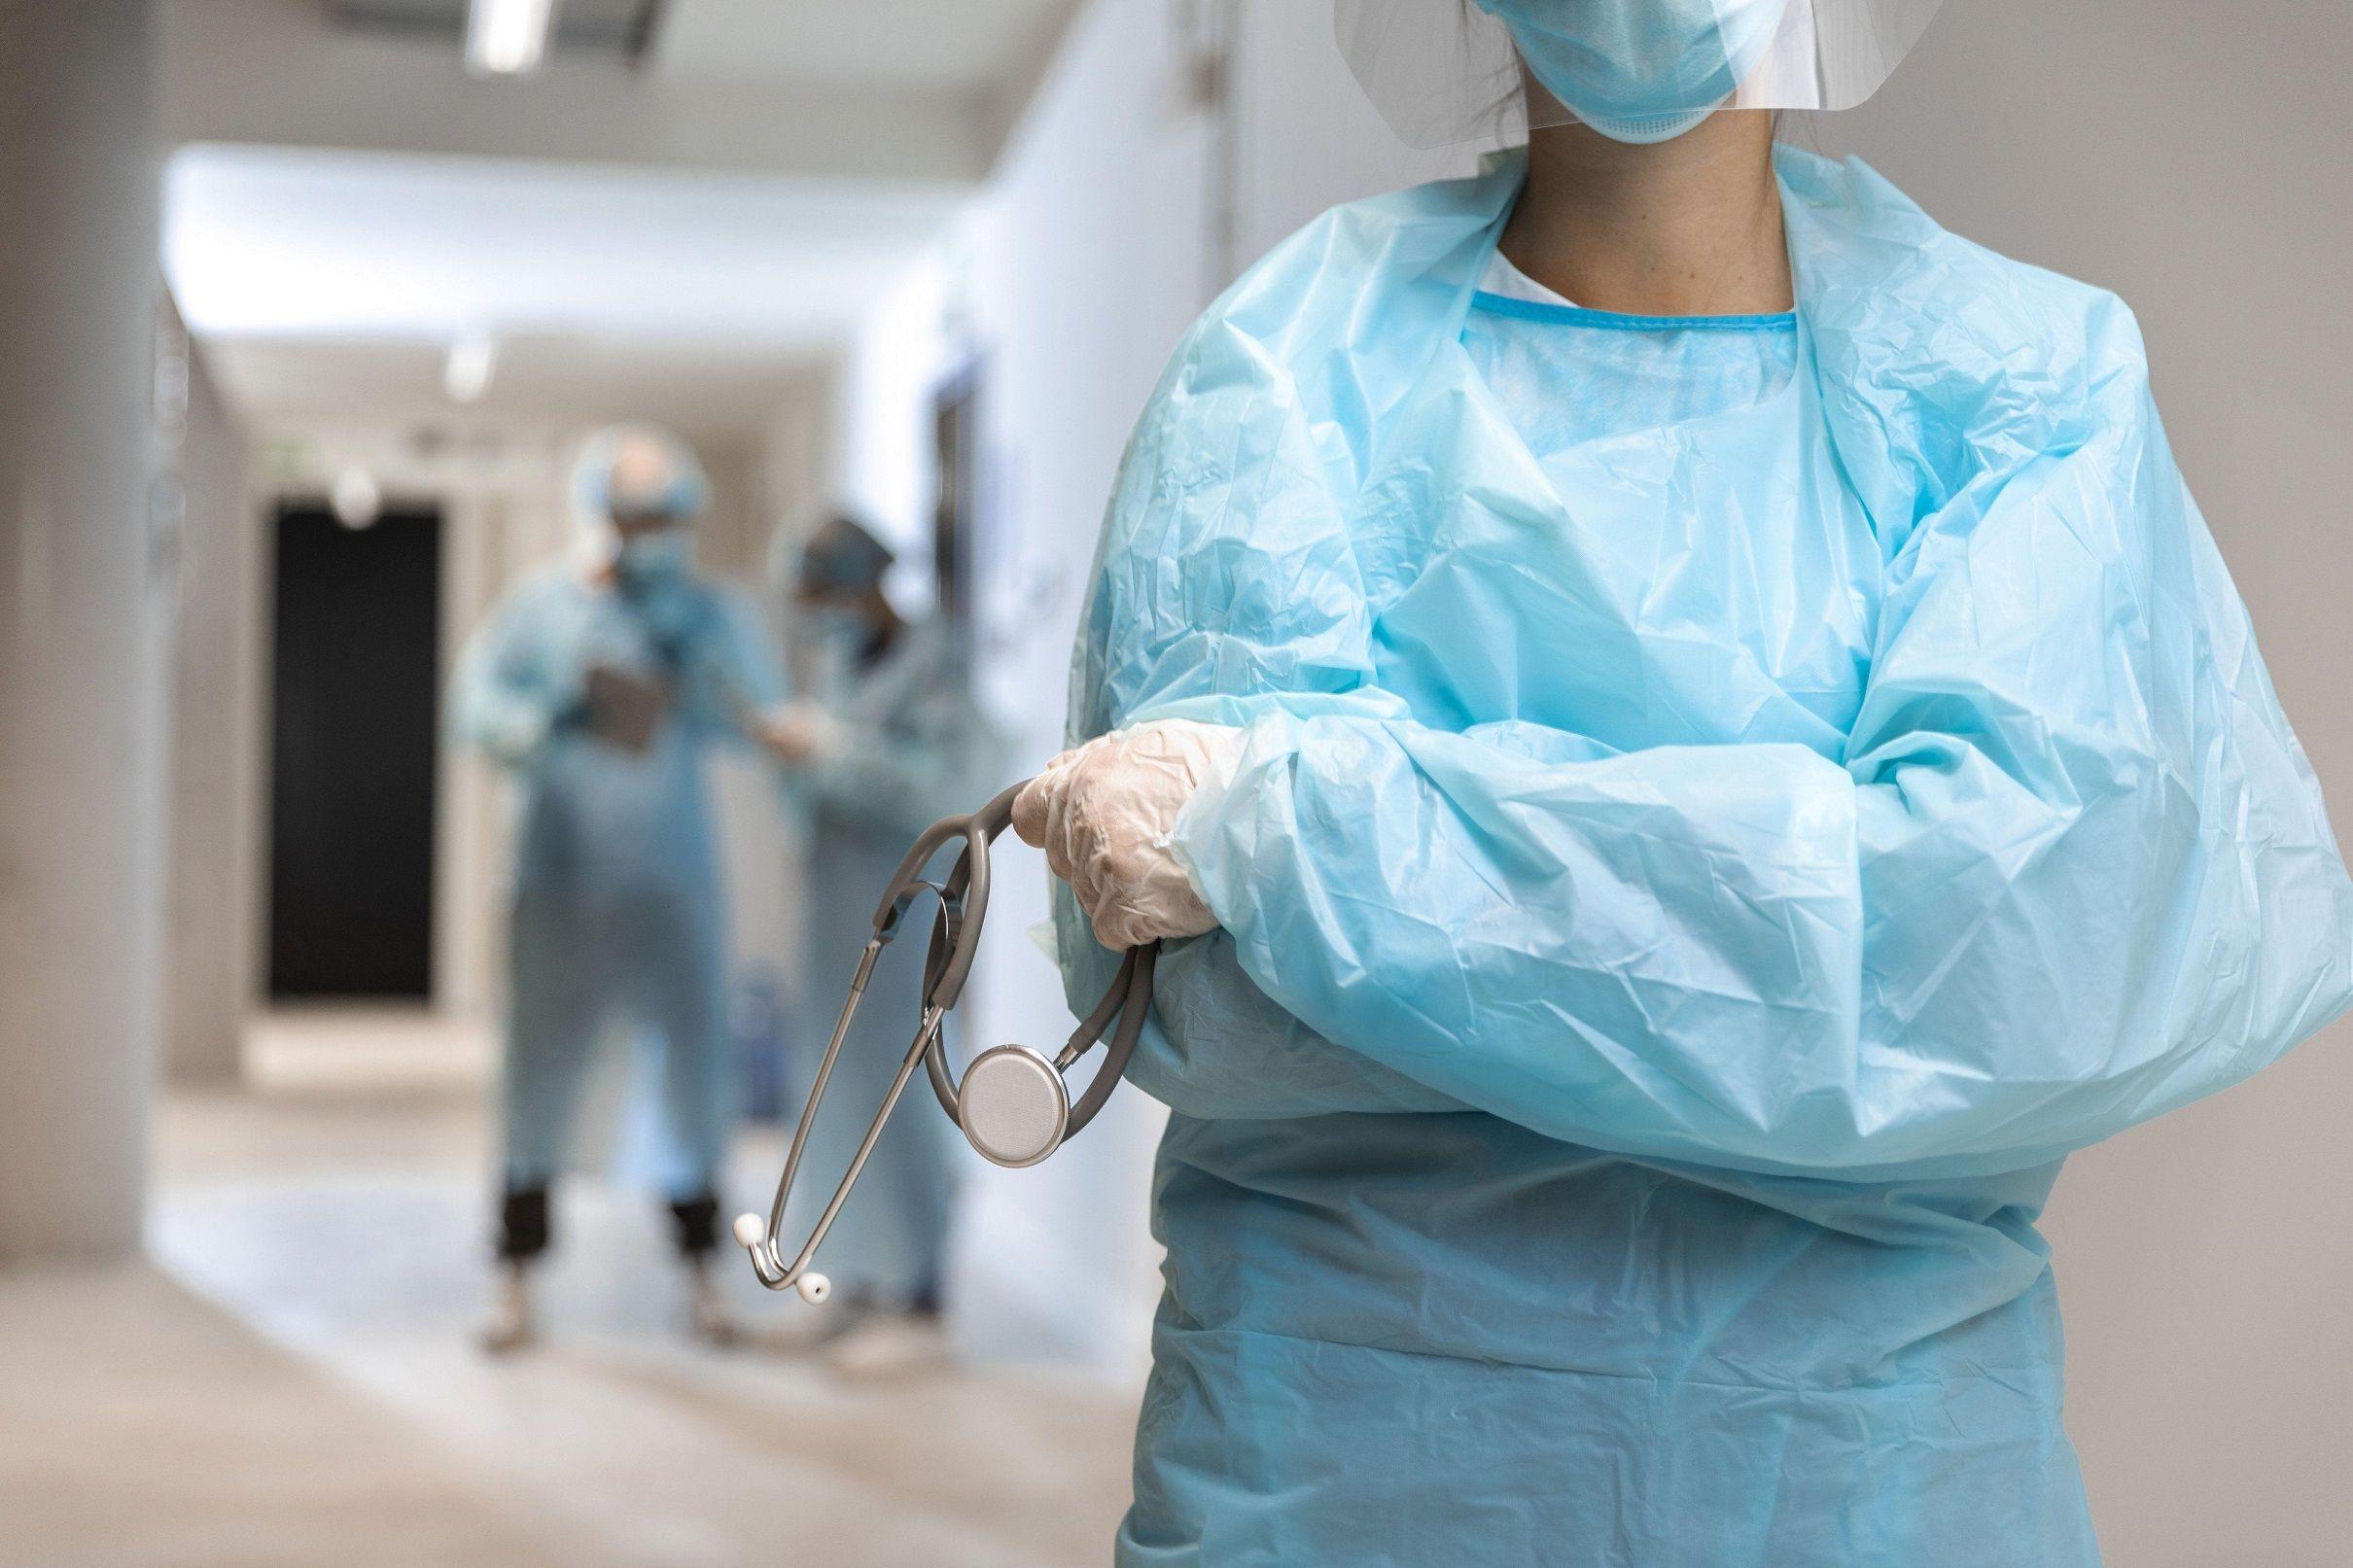 El 32,9% de las defunciones hospitalarias durante la pandemia han estado relacionadas con la COVID-19